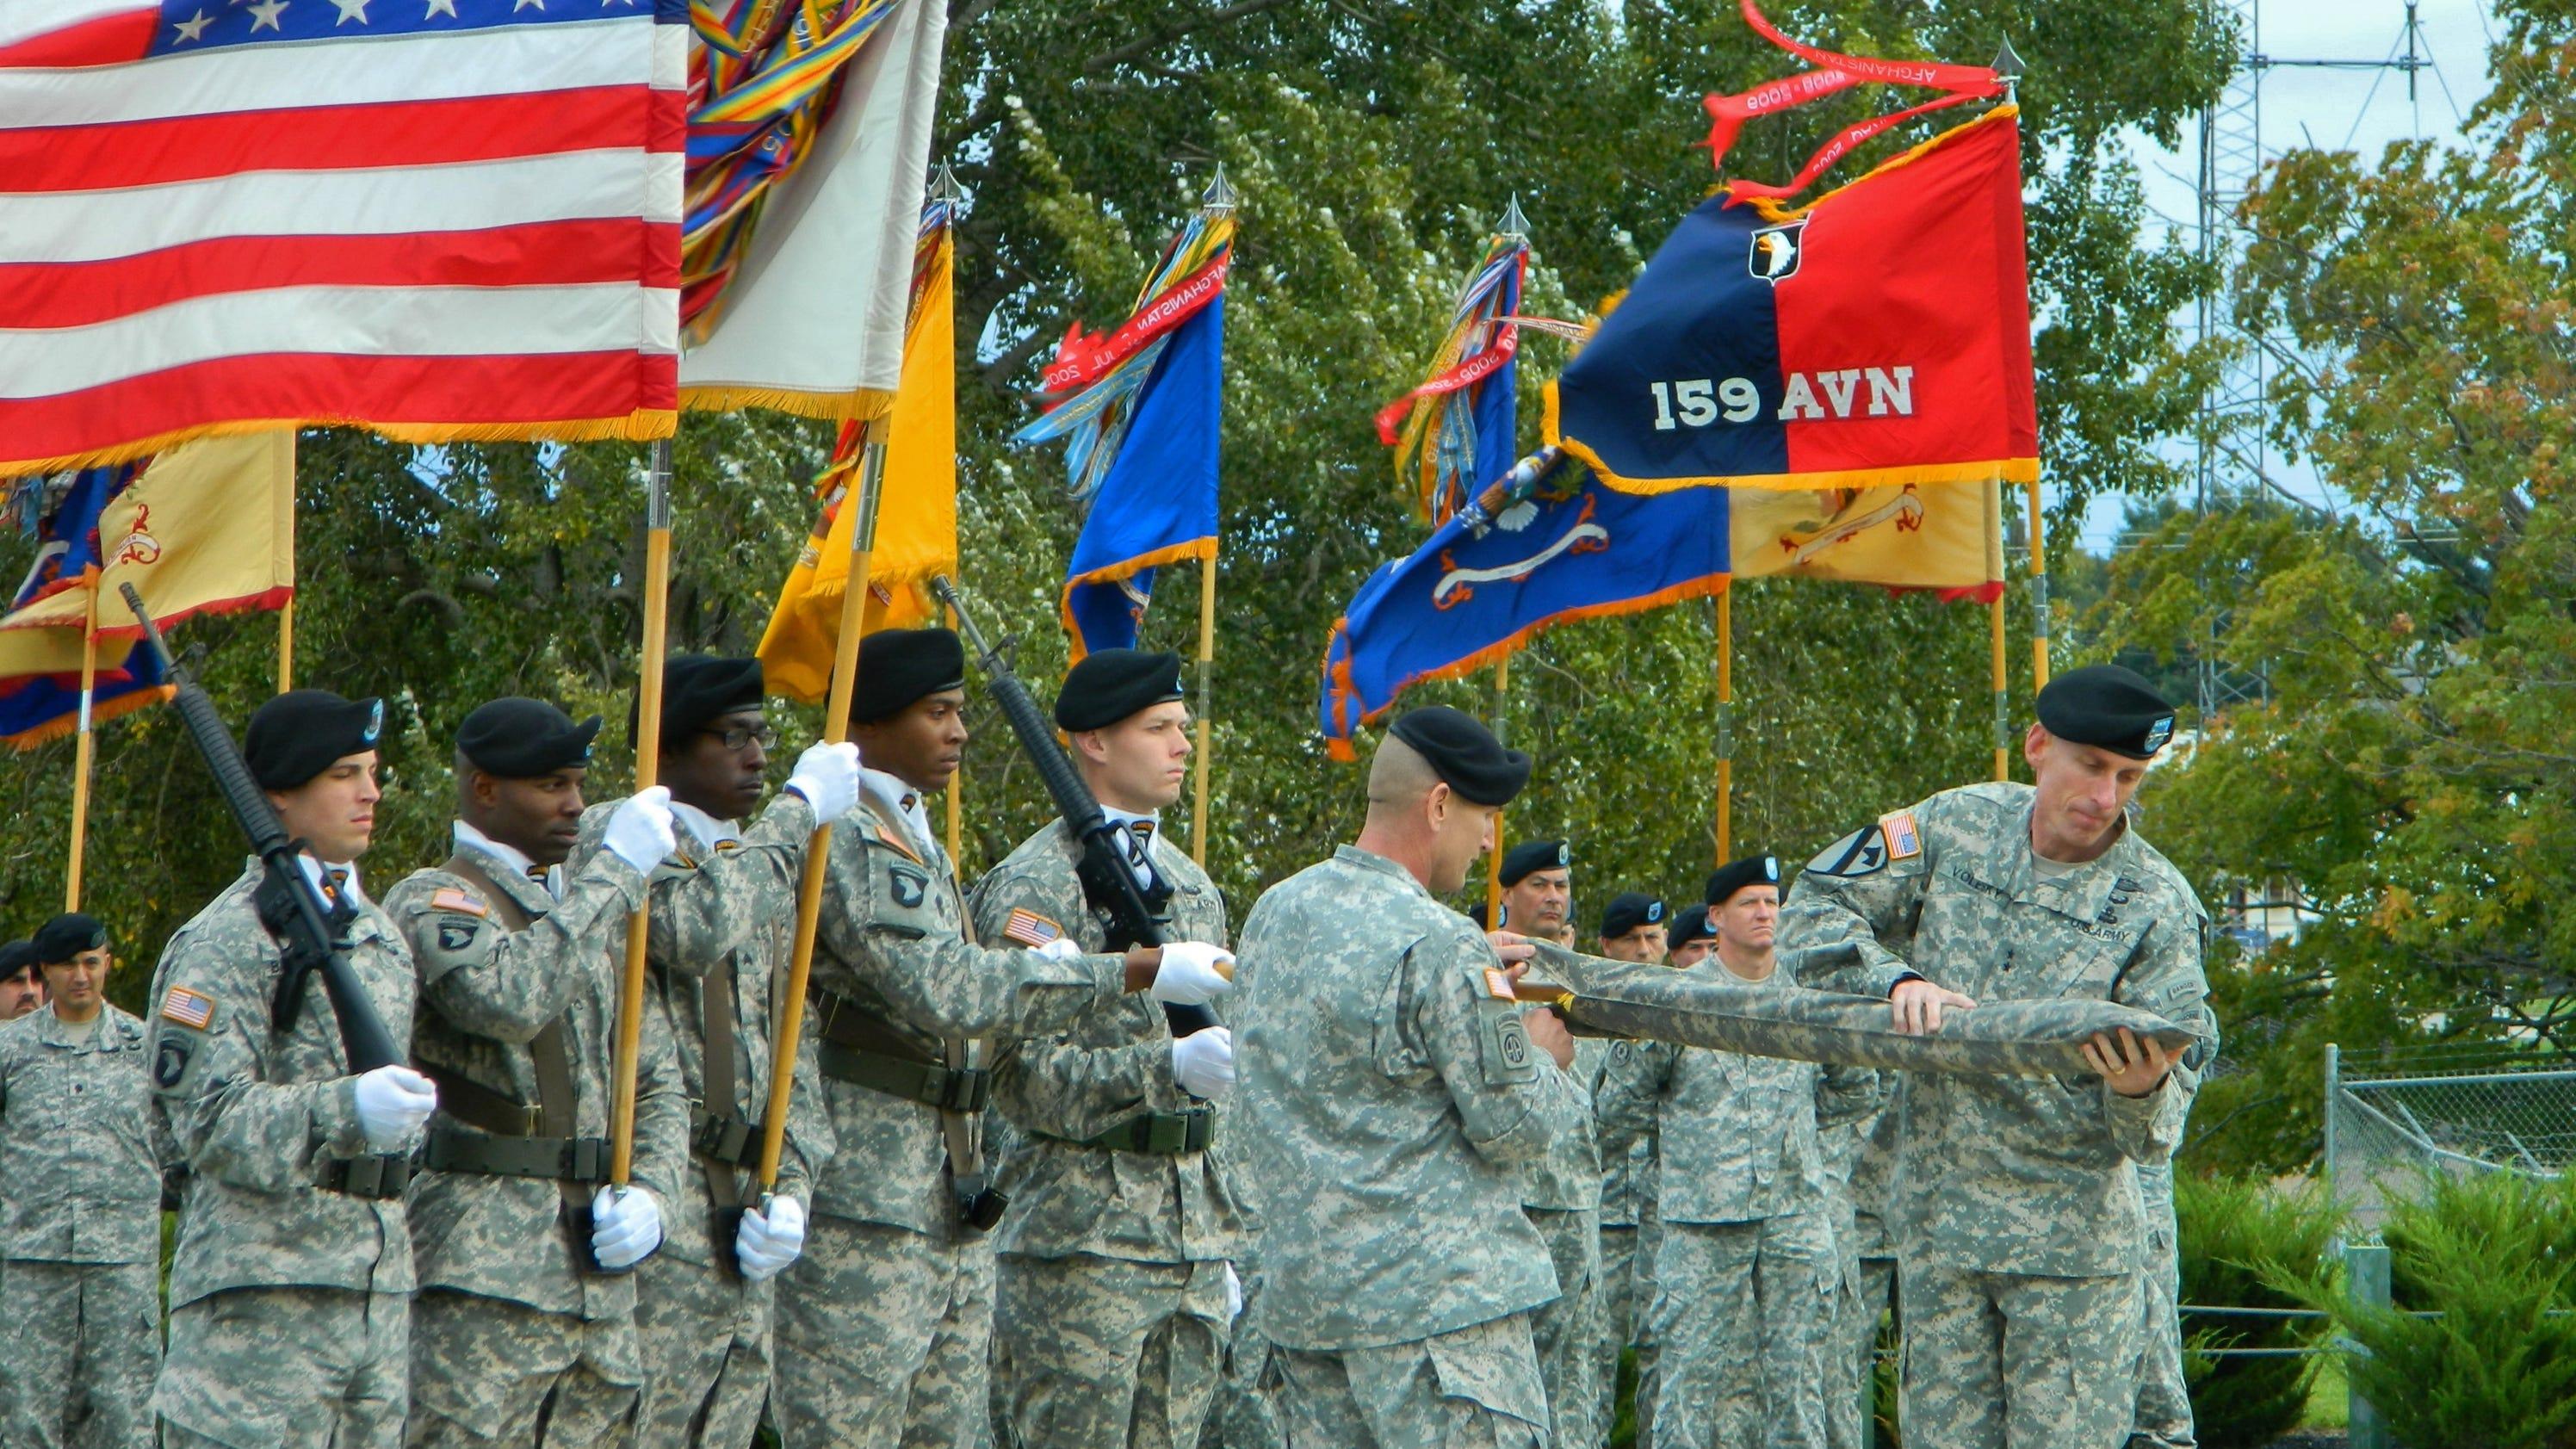 Army color casing ceremony script - Army Color Casing Ceremony Script 8